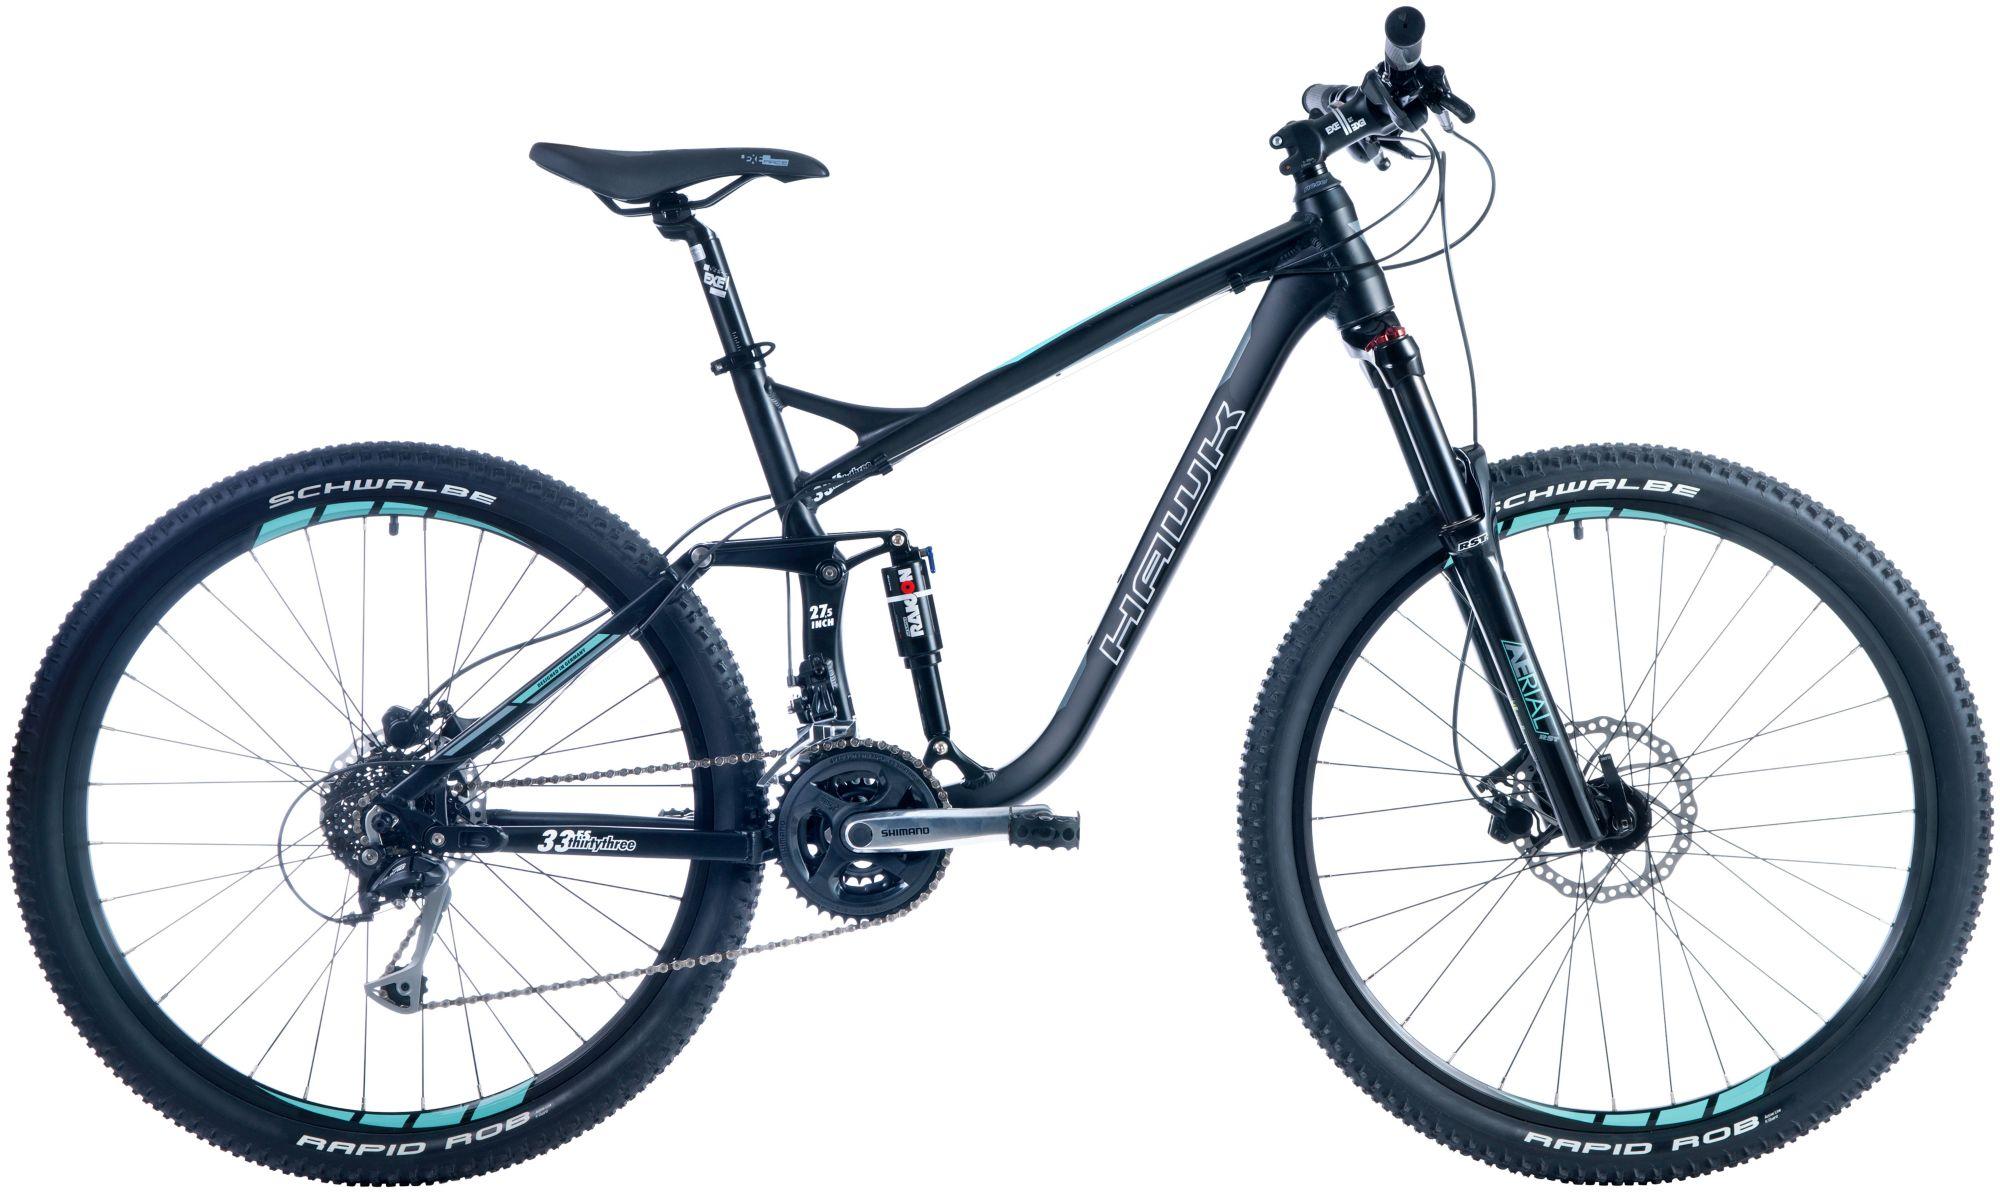 HAWK Hawk Mountainbike »Thirtythree FS«, RH 46, 27,5 Zoll, 24 Gang, Hydraulische Scheibenbremsen